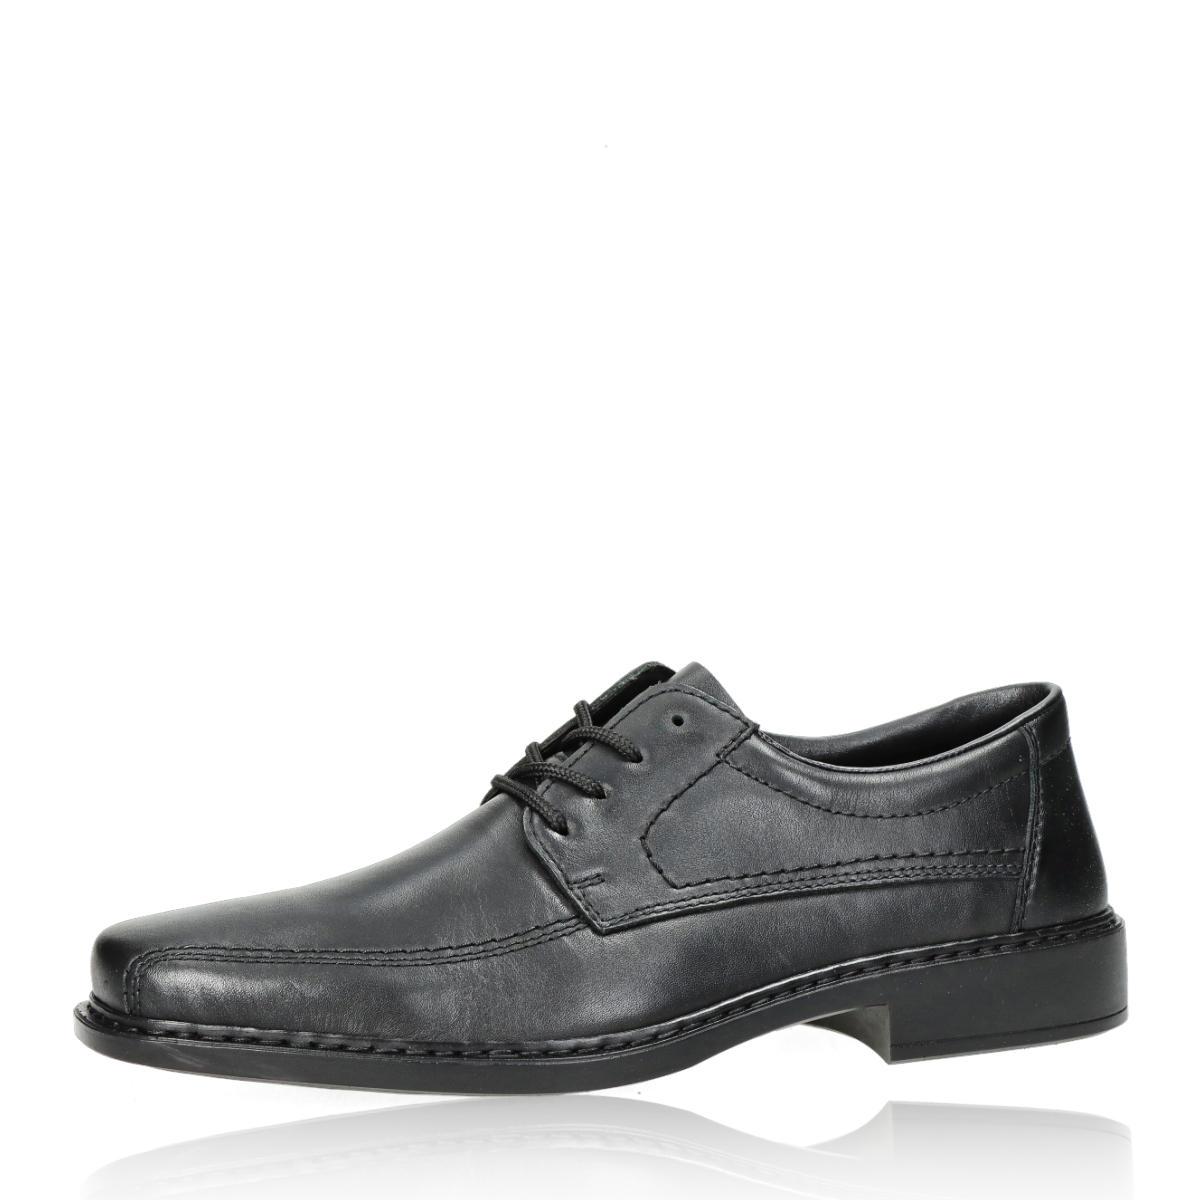 ad28465e6 Rieker pánske spoločenské topánky - čierne Rieker pánske spoločenské topánky  - čierne ...